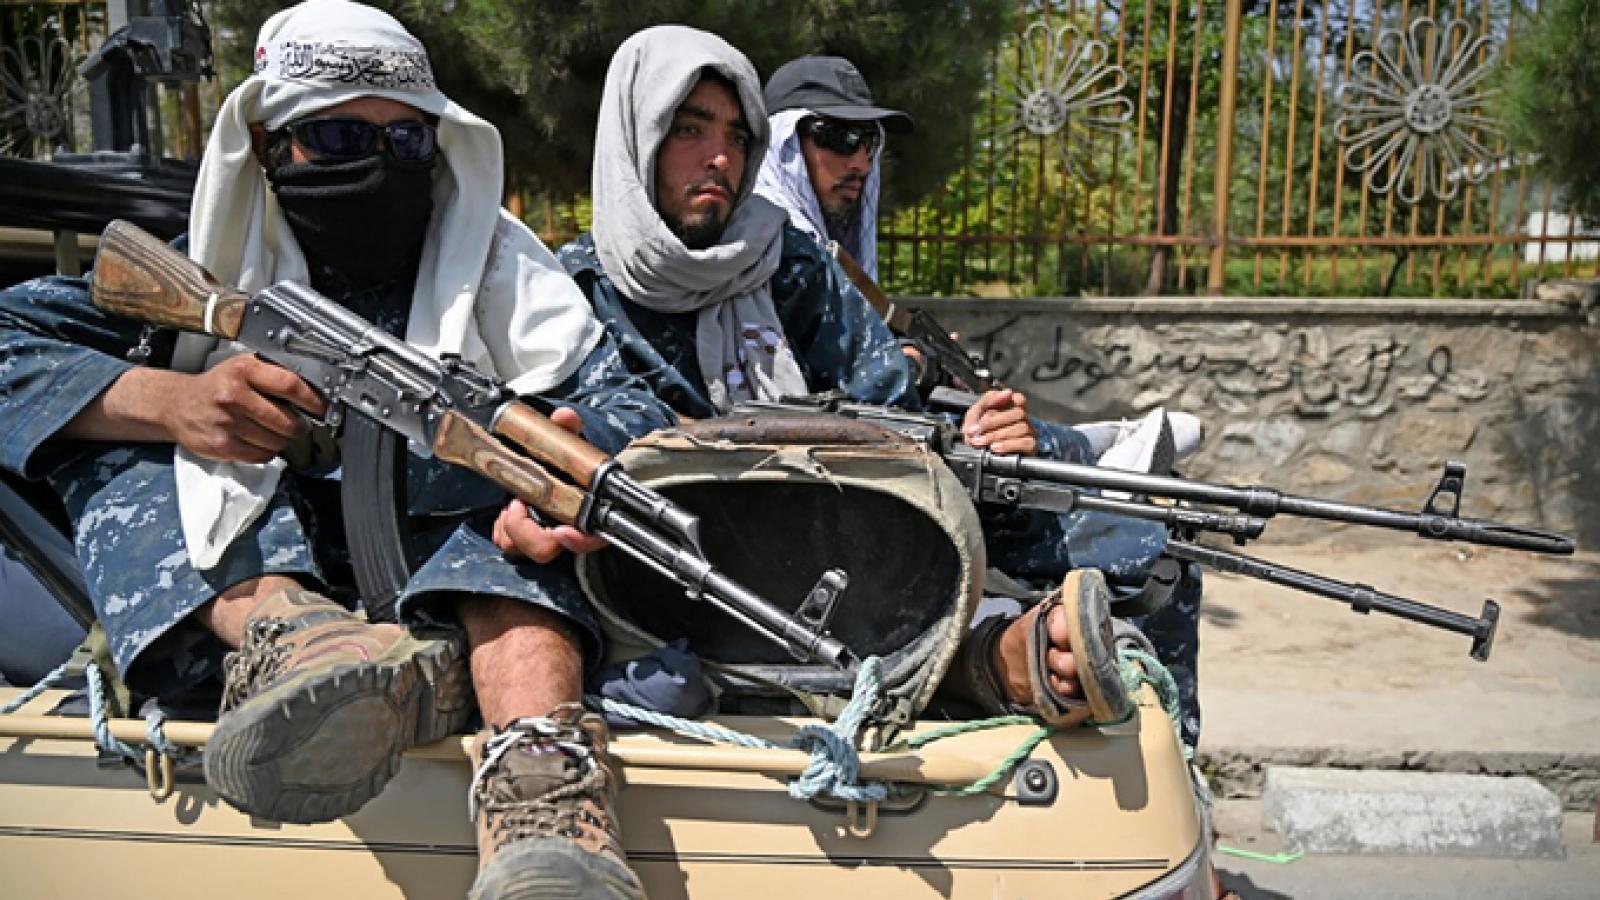 Taliban từ chối các điều kiện quốc tế về việc công nhận chính phủ mới tại Afghanistan